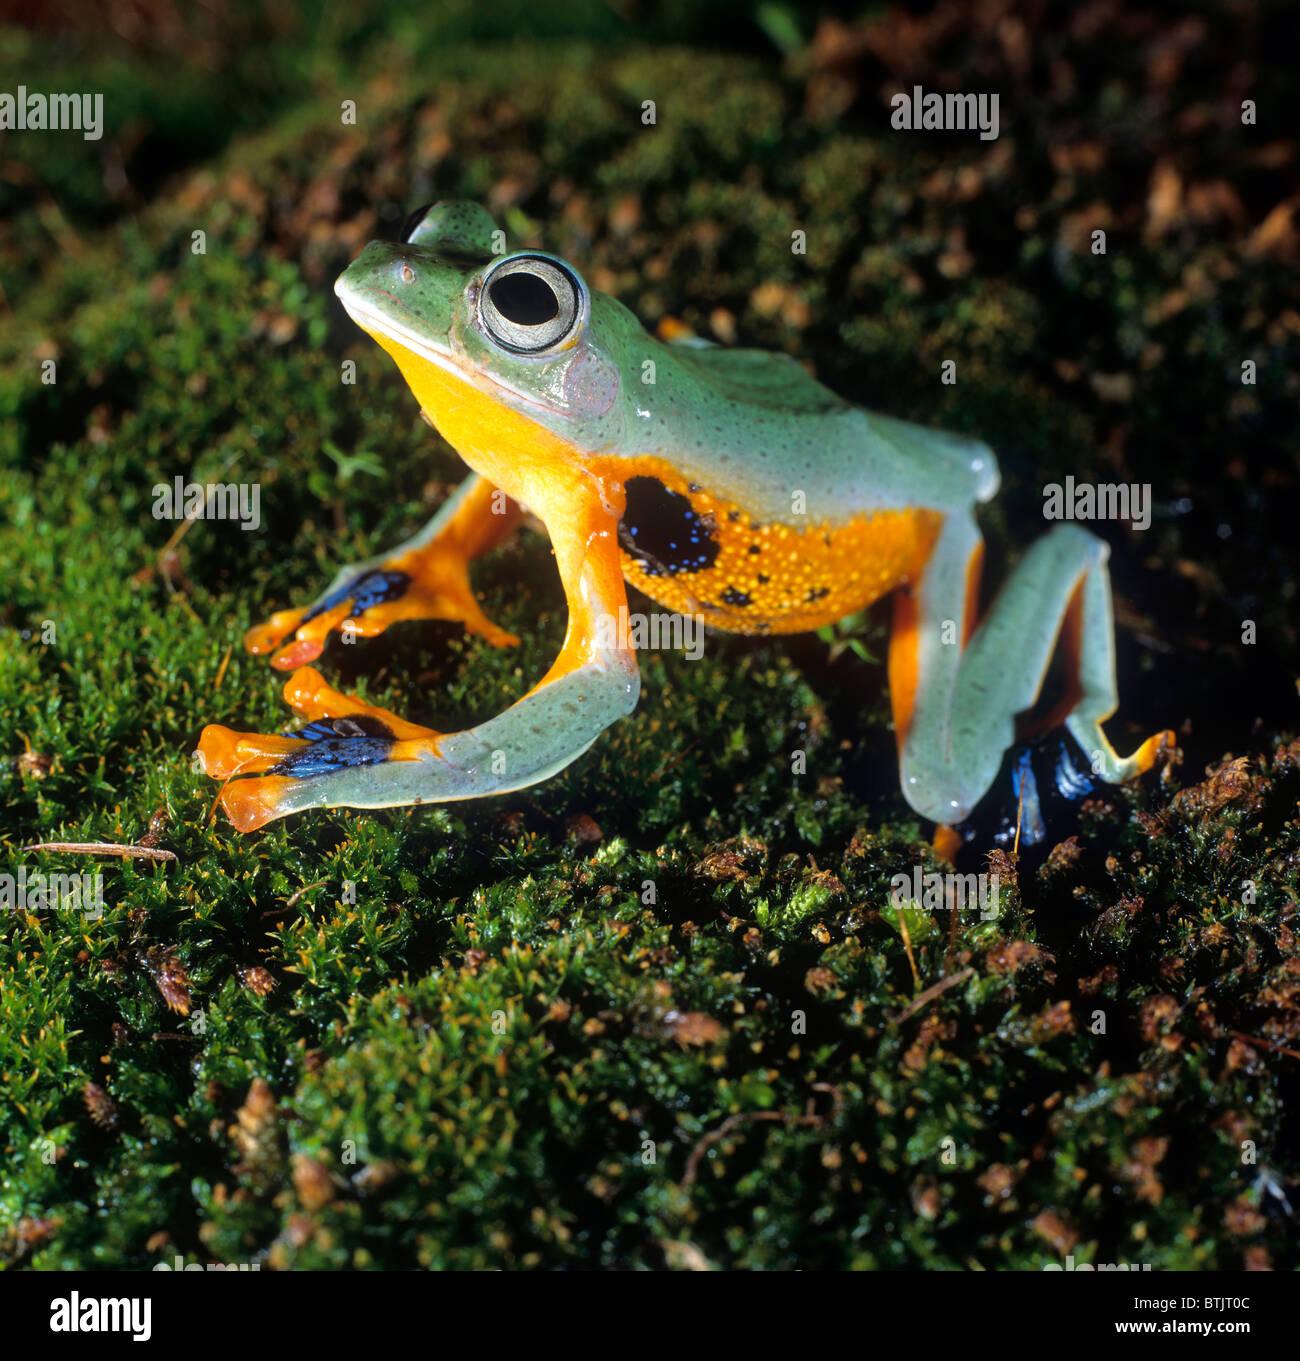 Flying Frog (Rhacophorus sp.) on moss. - Stock Image